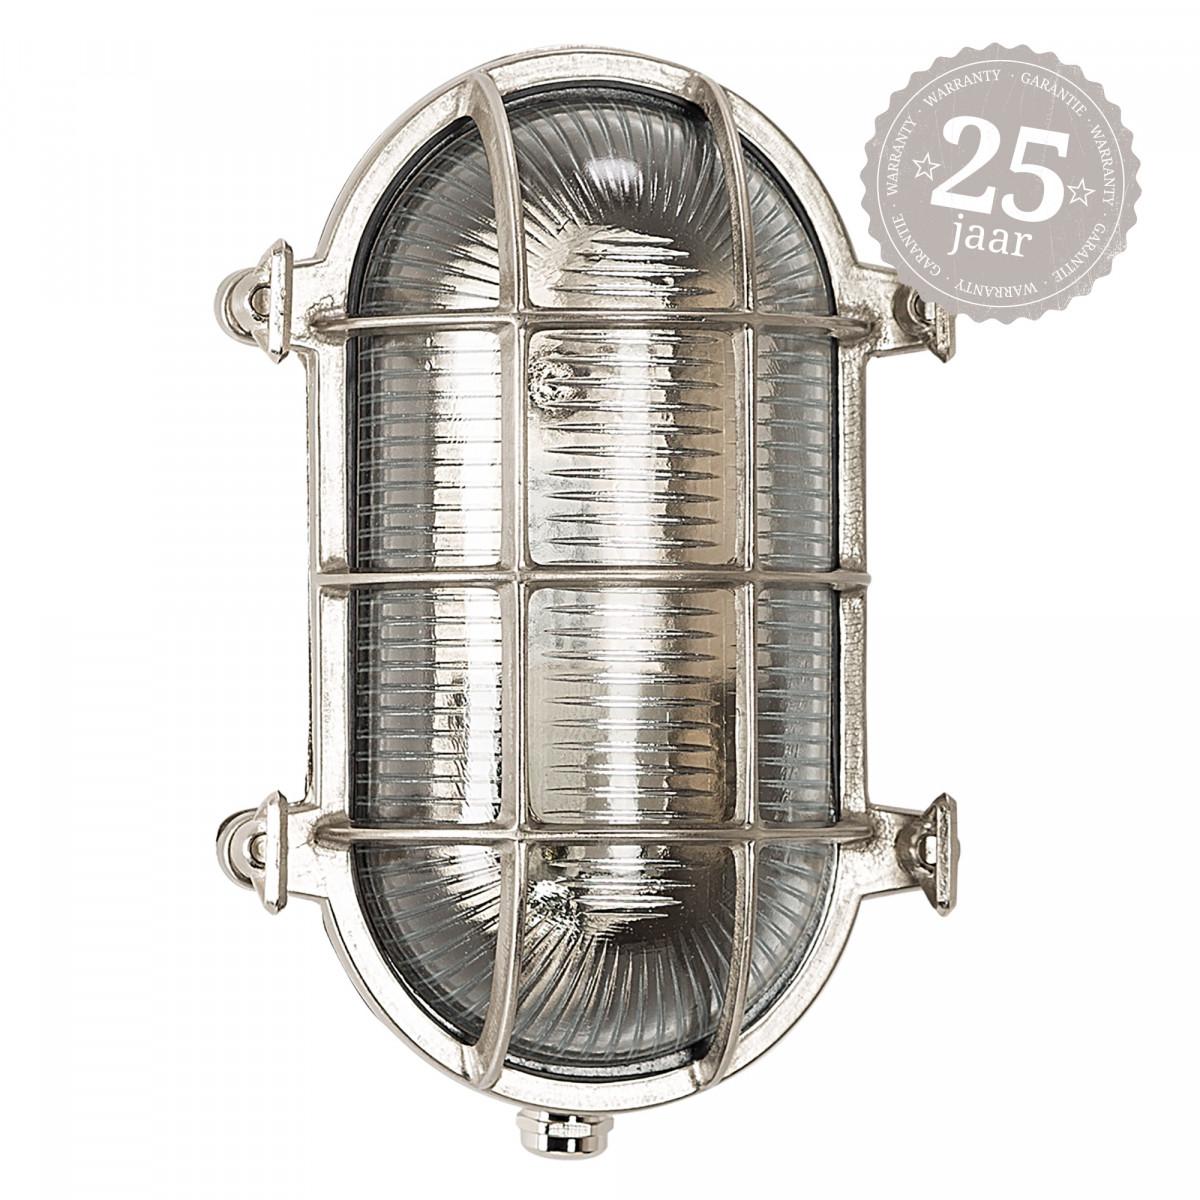 Nautisch - scheepslamp - Nautic 1 (7291) - KS Verlichting - Maritieme lampen - Nostalux